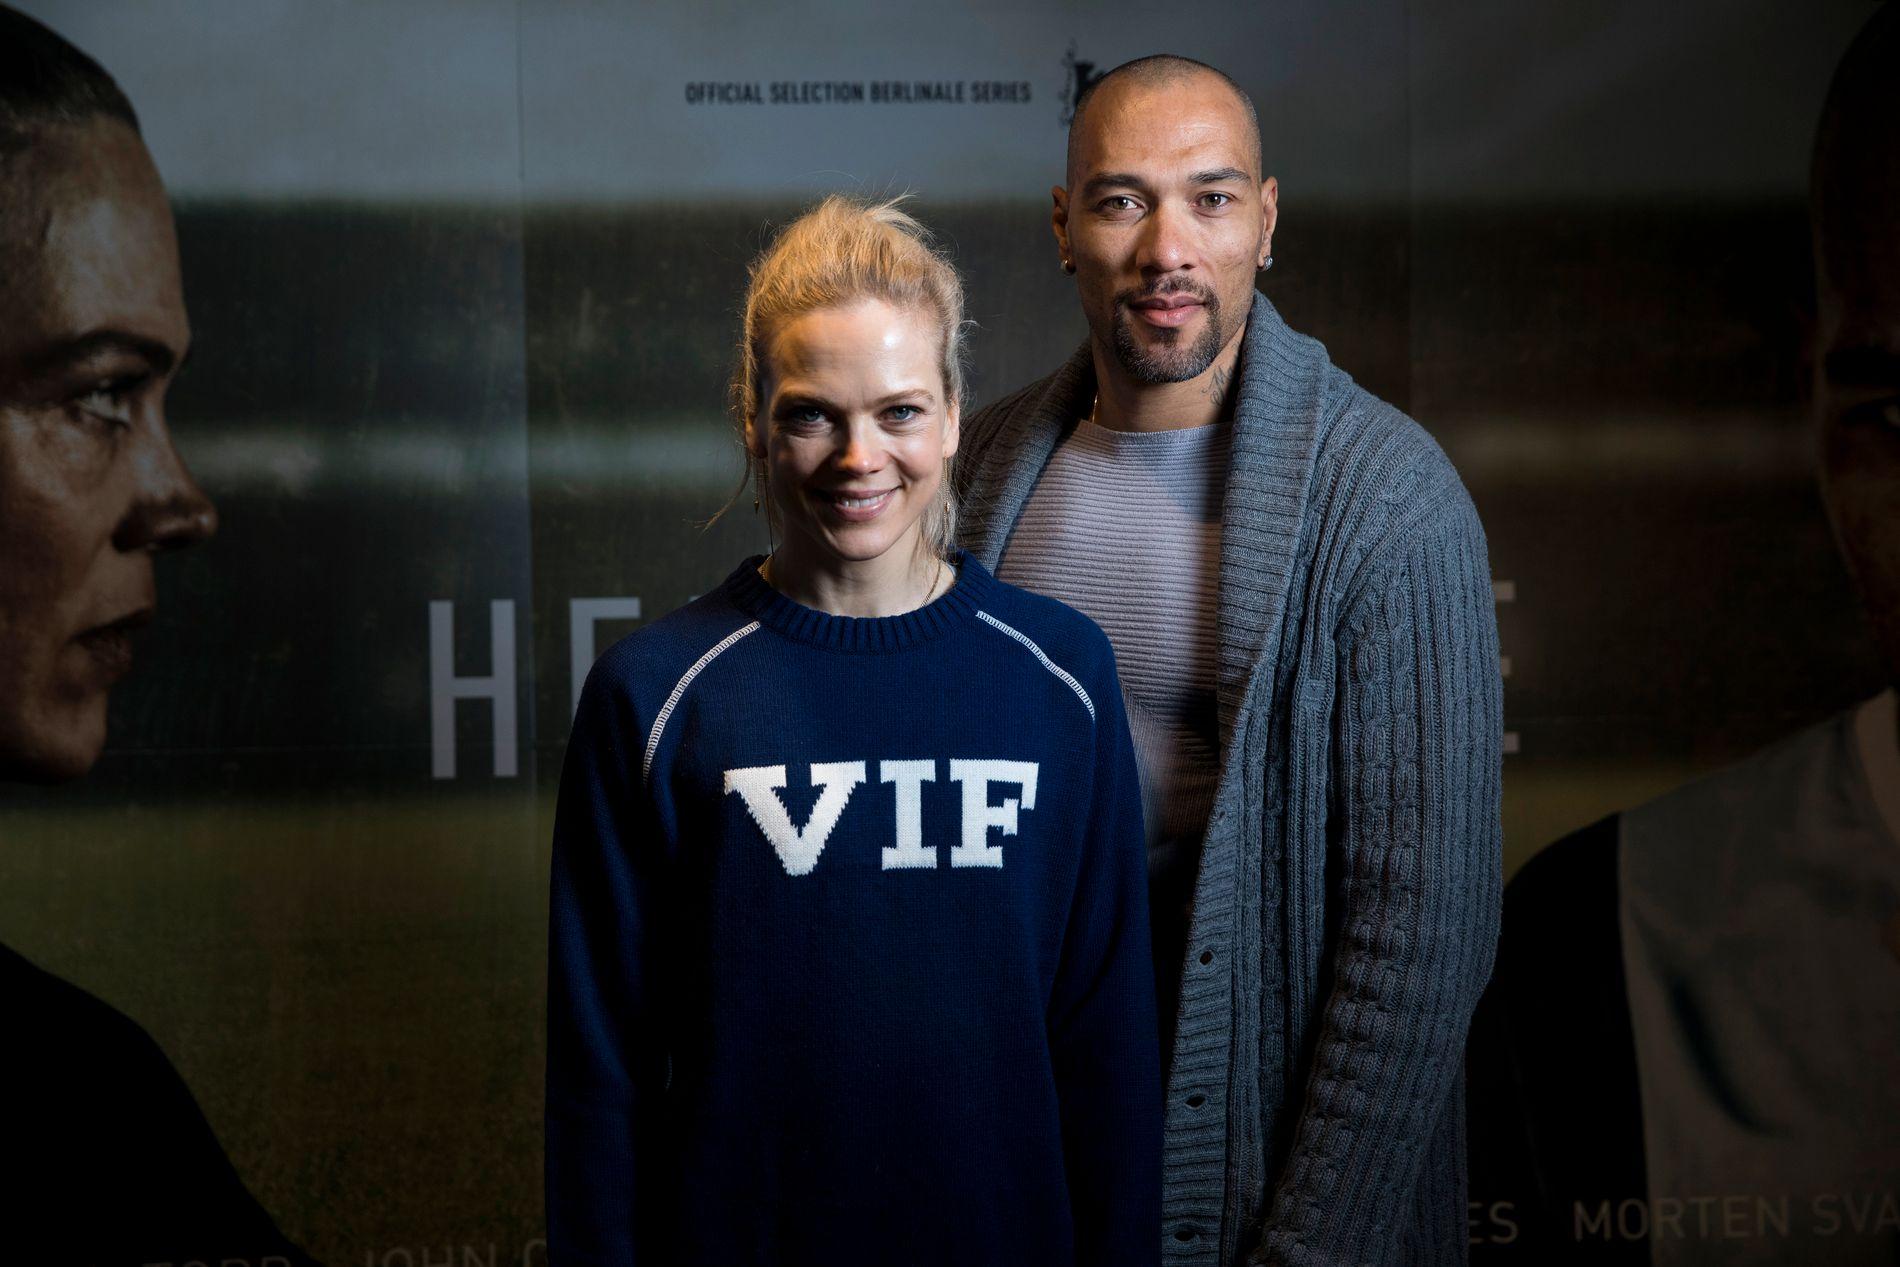 FOTBALLSERIE: Ane Dahl Torp og John Carew har sentrale roller i serien.